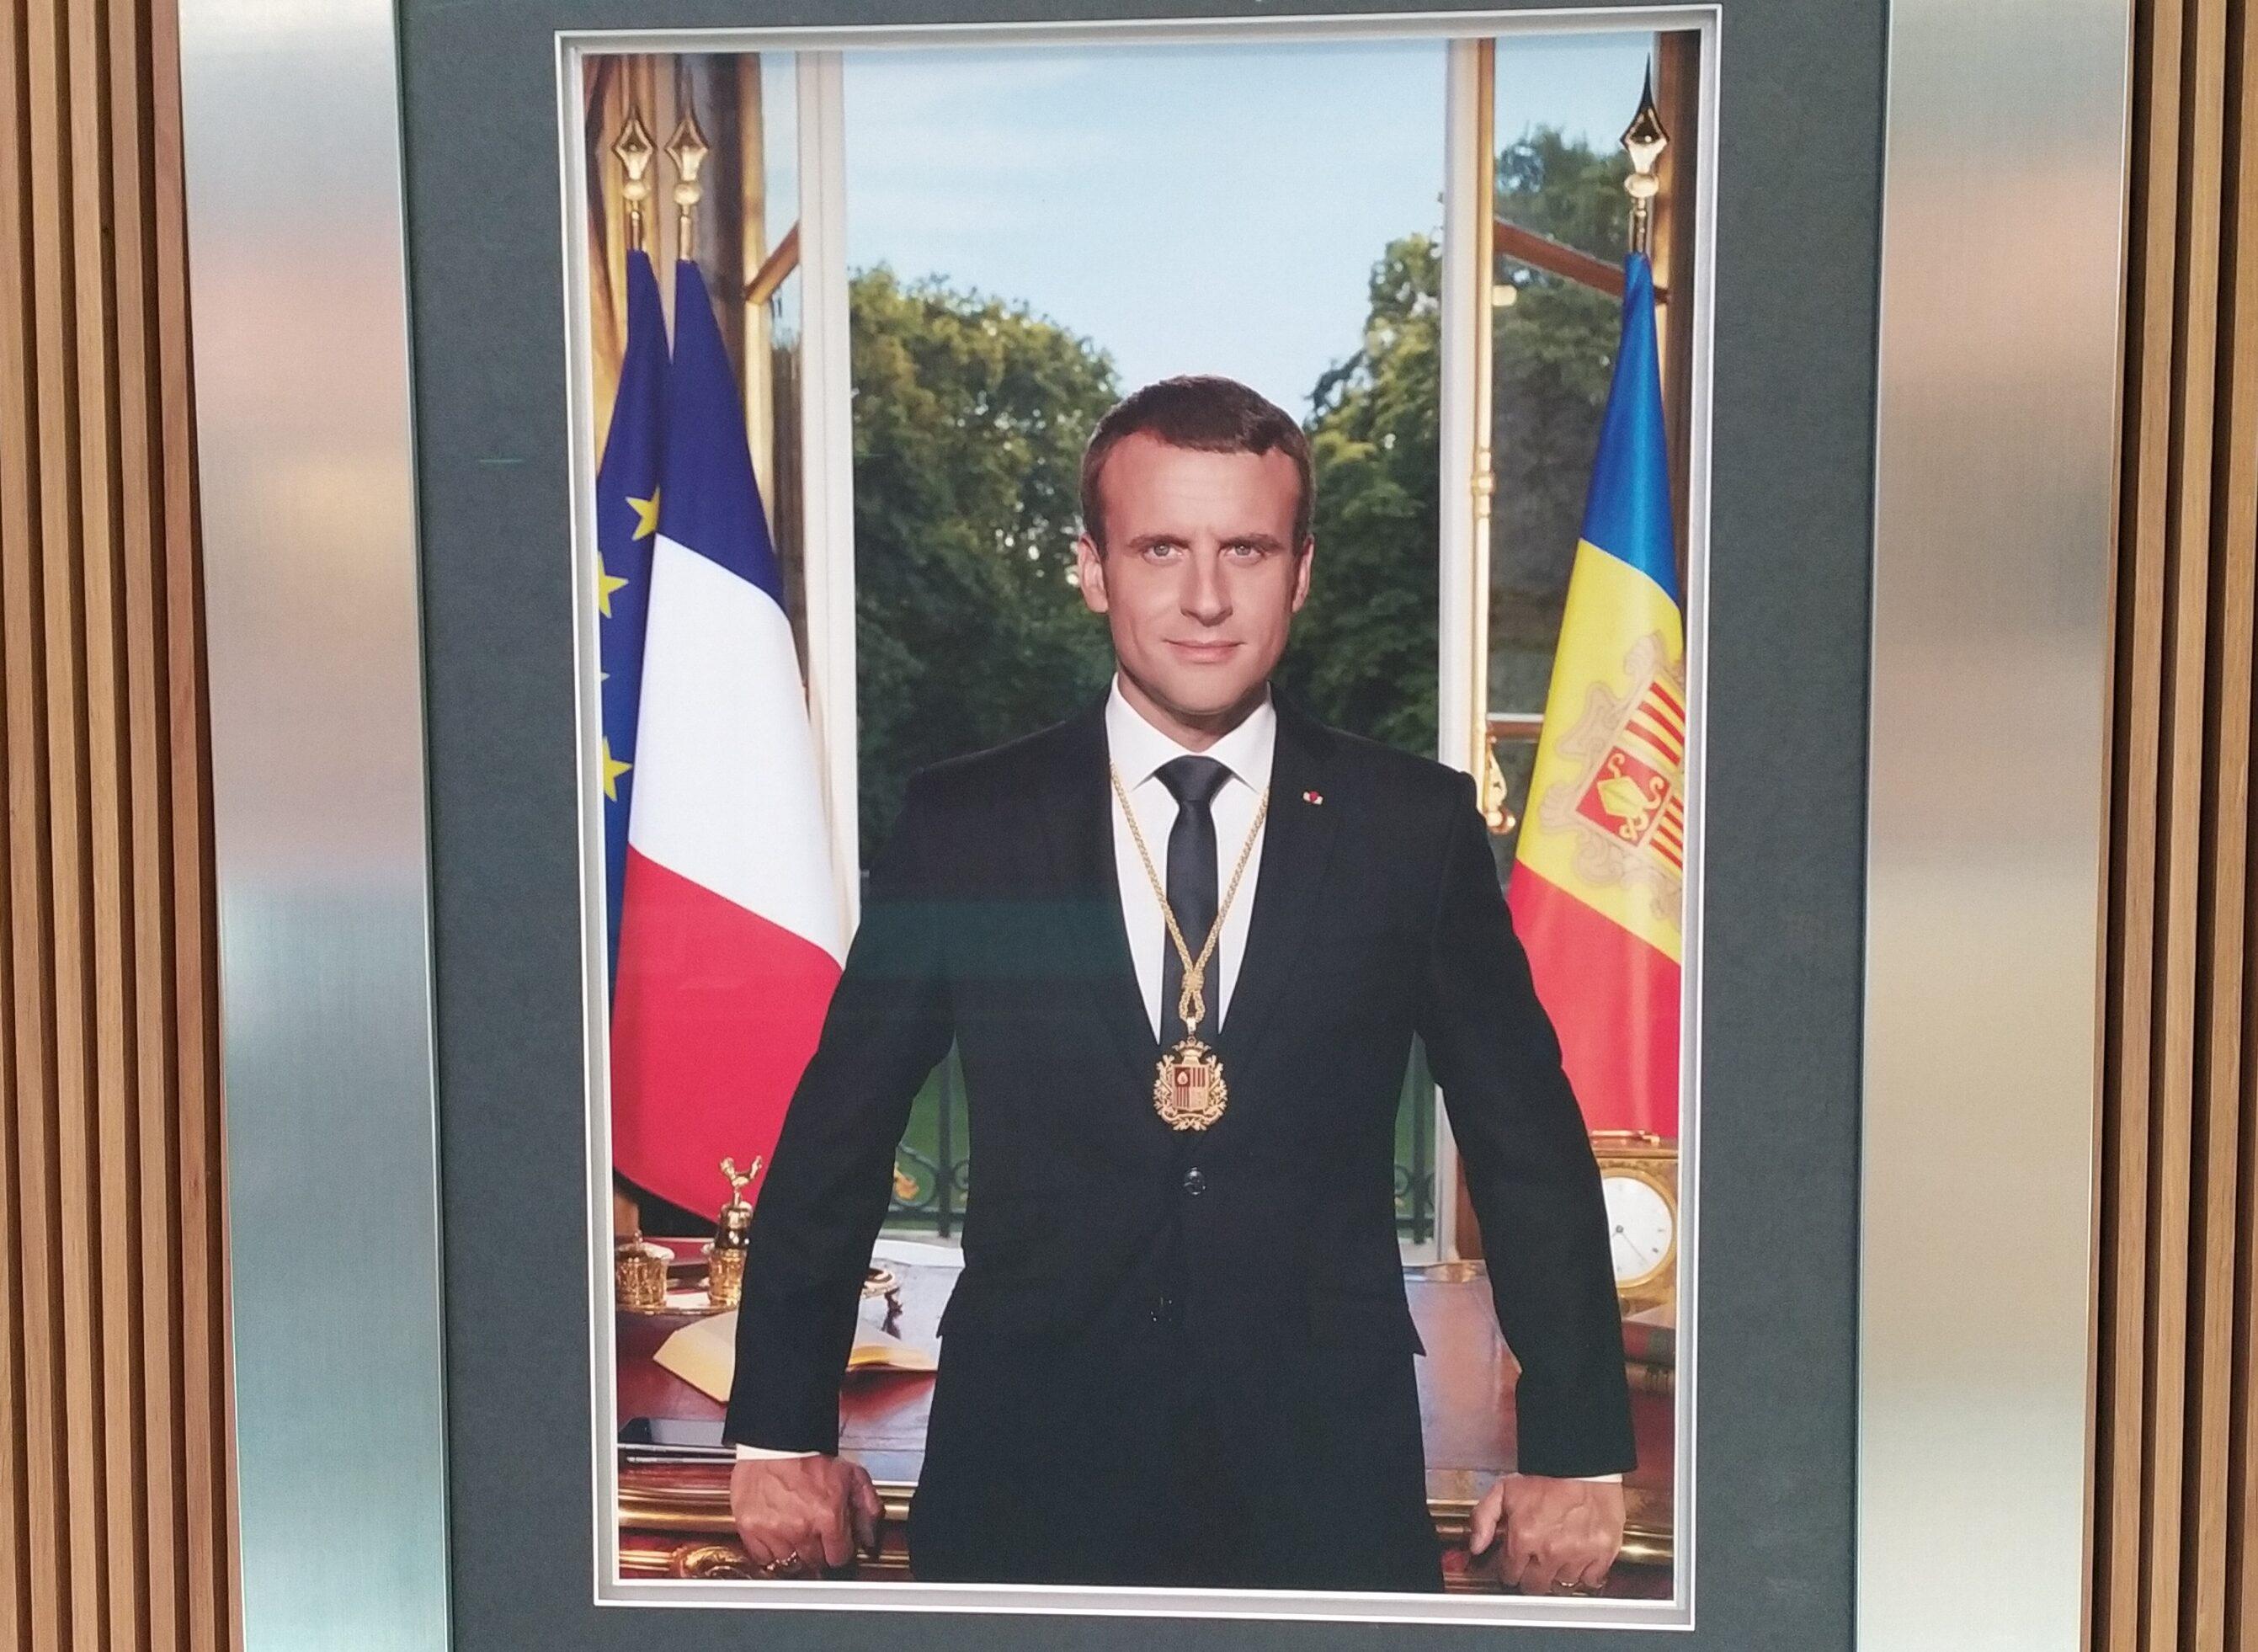 Macron Visita Andorra Per A Afermar El Coprincipat I Impulsar La Negociacio Amb La Ue